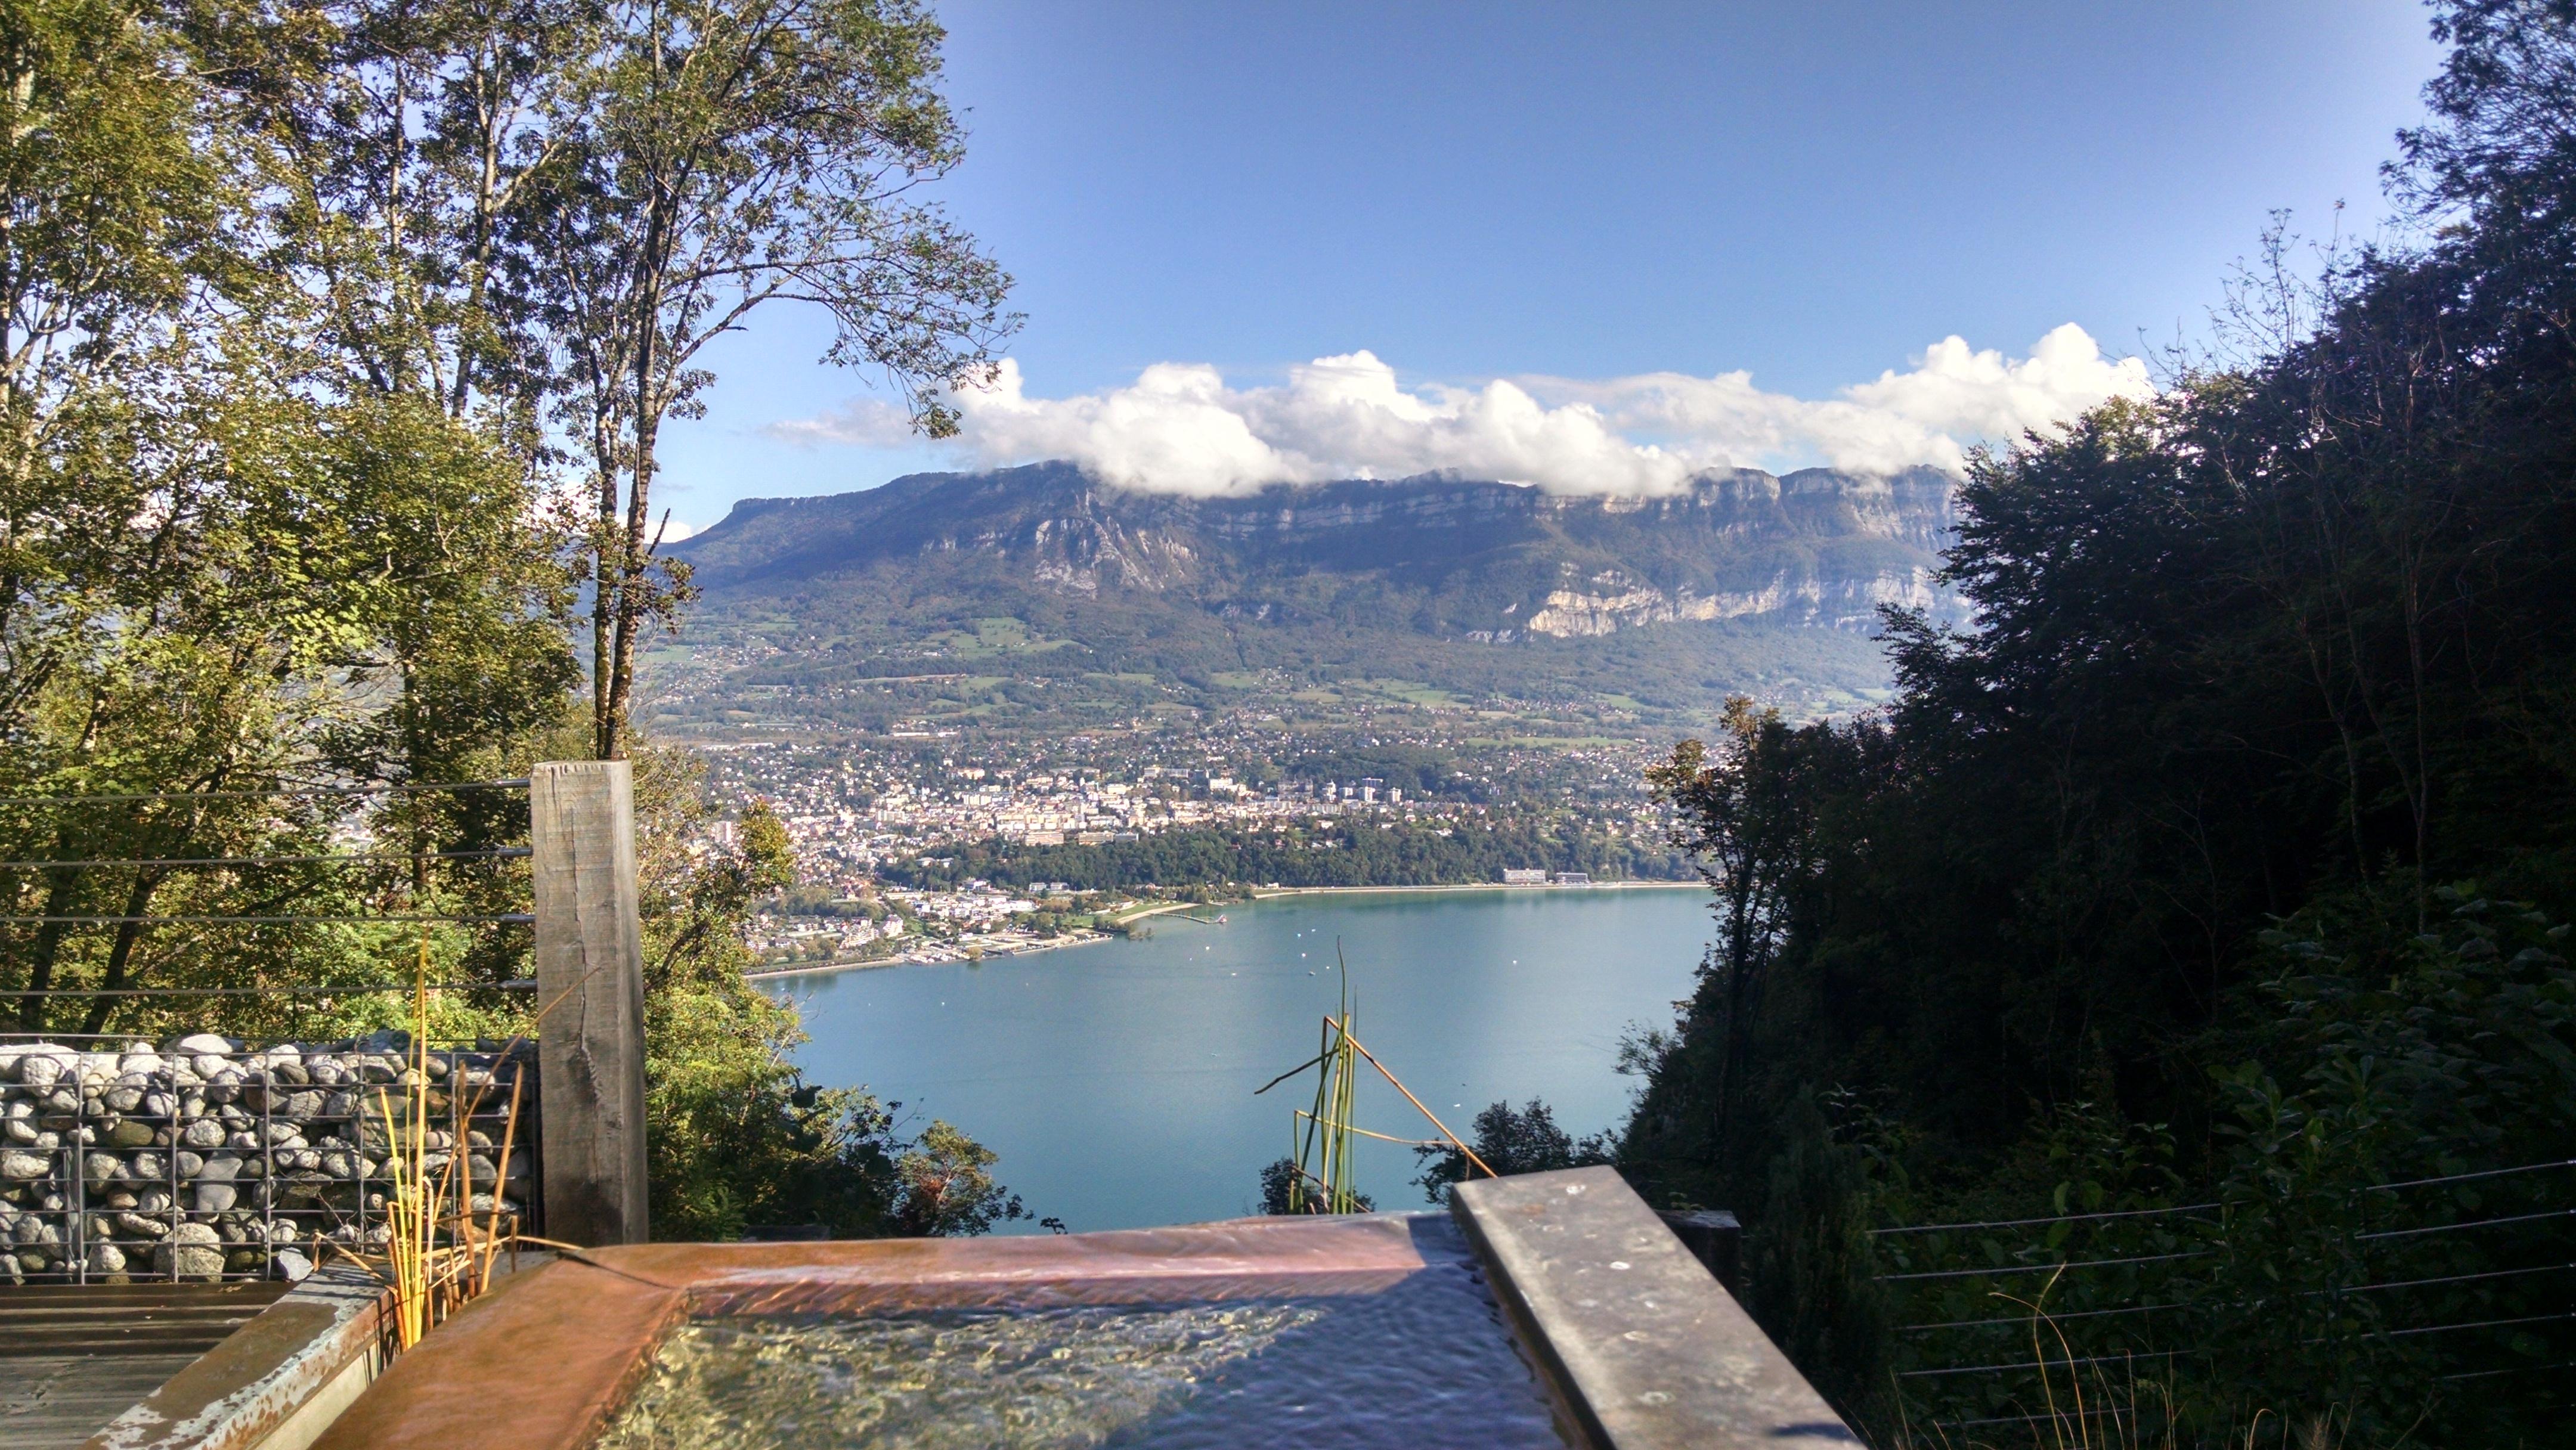 Property For Sale at MAISON D'ARCHITECTE AVEC VUE SUR LAC ET MONTAGNES